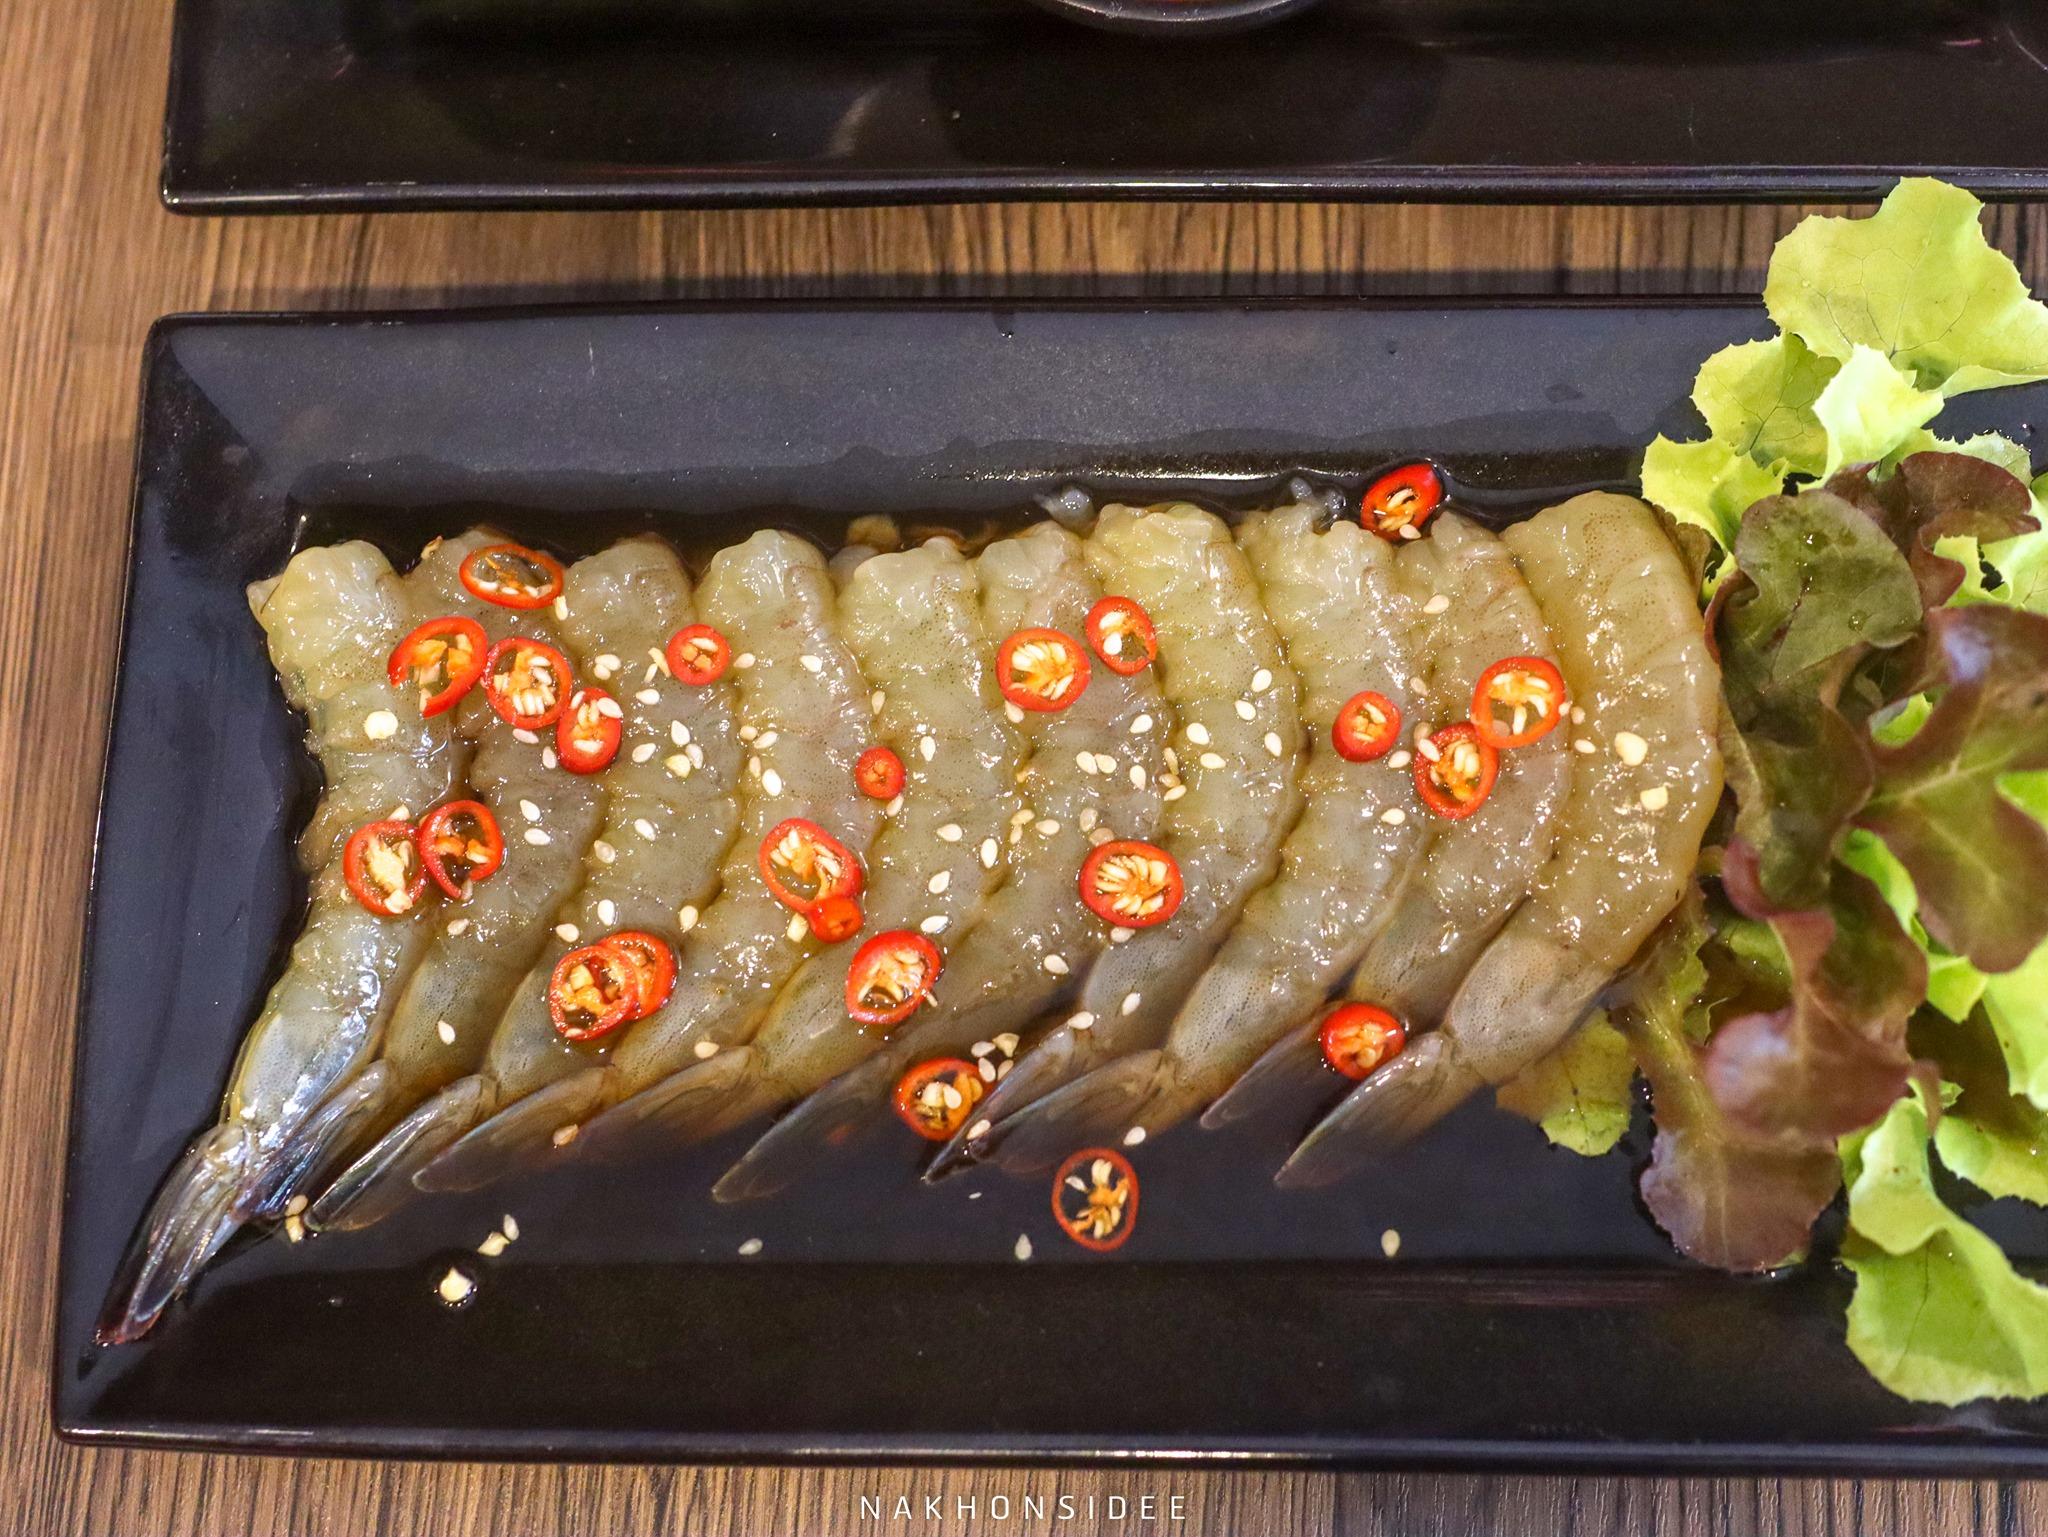 จุ้งง อาหาร,เครื่องดื่ม,เกาหลี,ญี่ปุ่น,อาหารไทย,ฝรั่ง,คาเฟ่,นครศรีธรรมราช